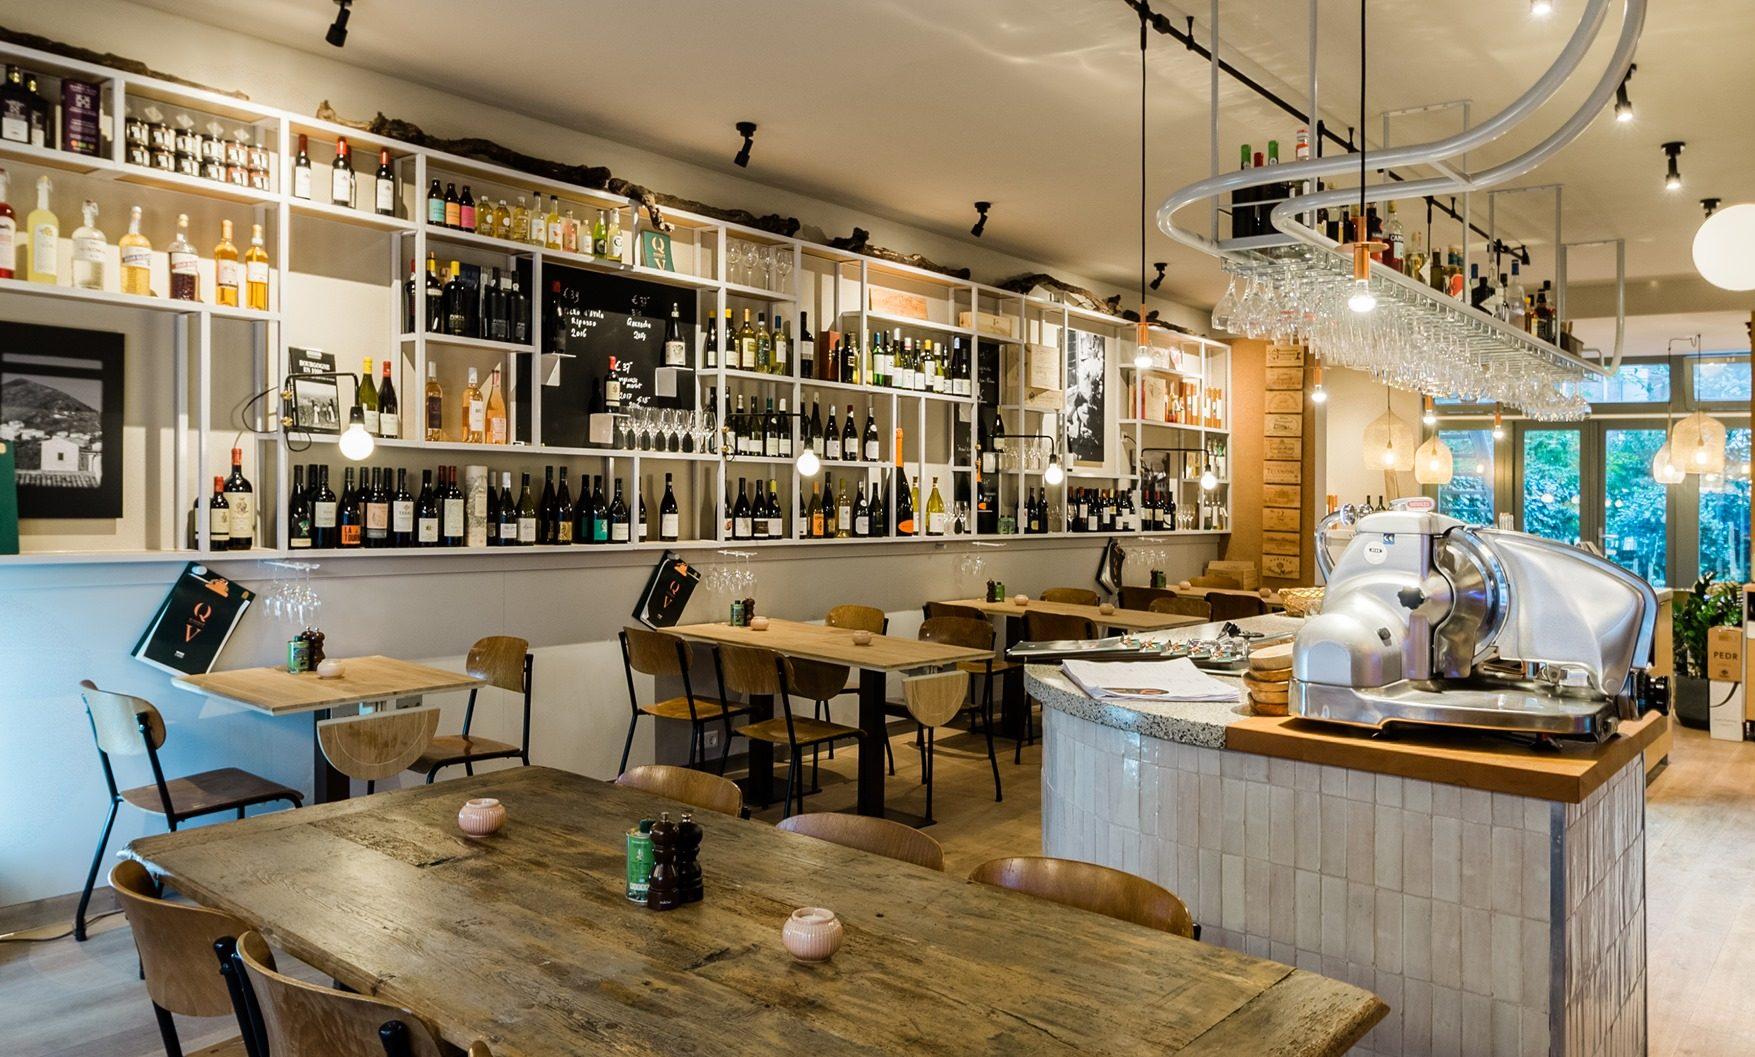 wijnbar - beste wijnbar nederland - wijnbar amsterdam - wijnbars - wijn drinken amsterdam